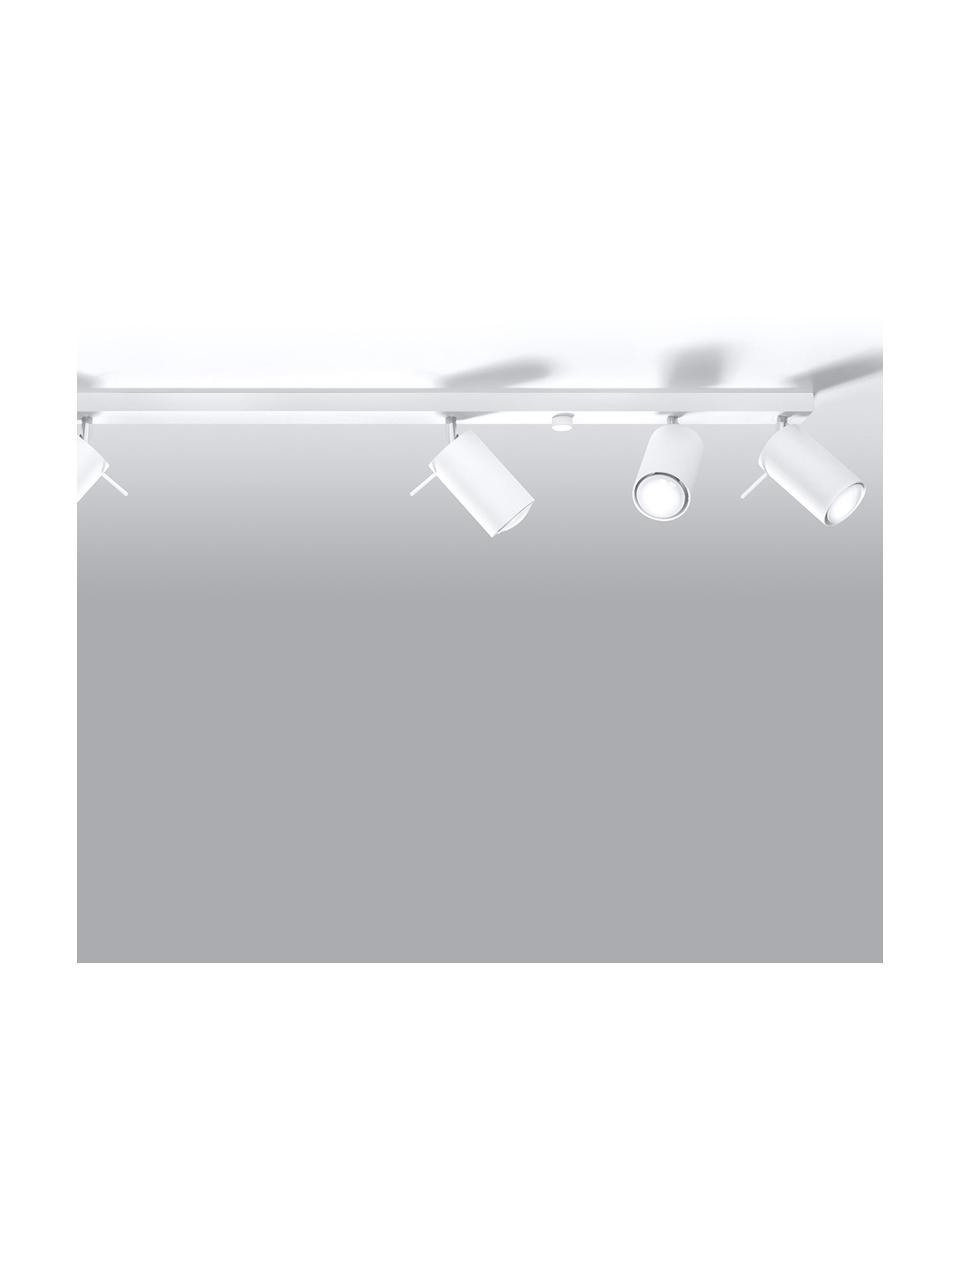 Faretti da soffitto bianchi Etna, Paralume: acciaio verniciato, Baldacchino: acciaio verniciato, Bianco, Larg. 117 x Alt. 16 cm